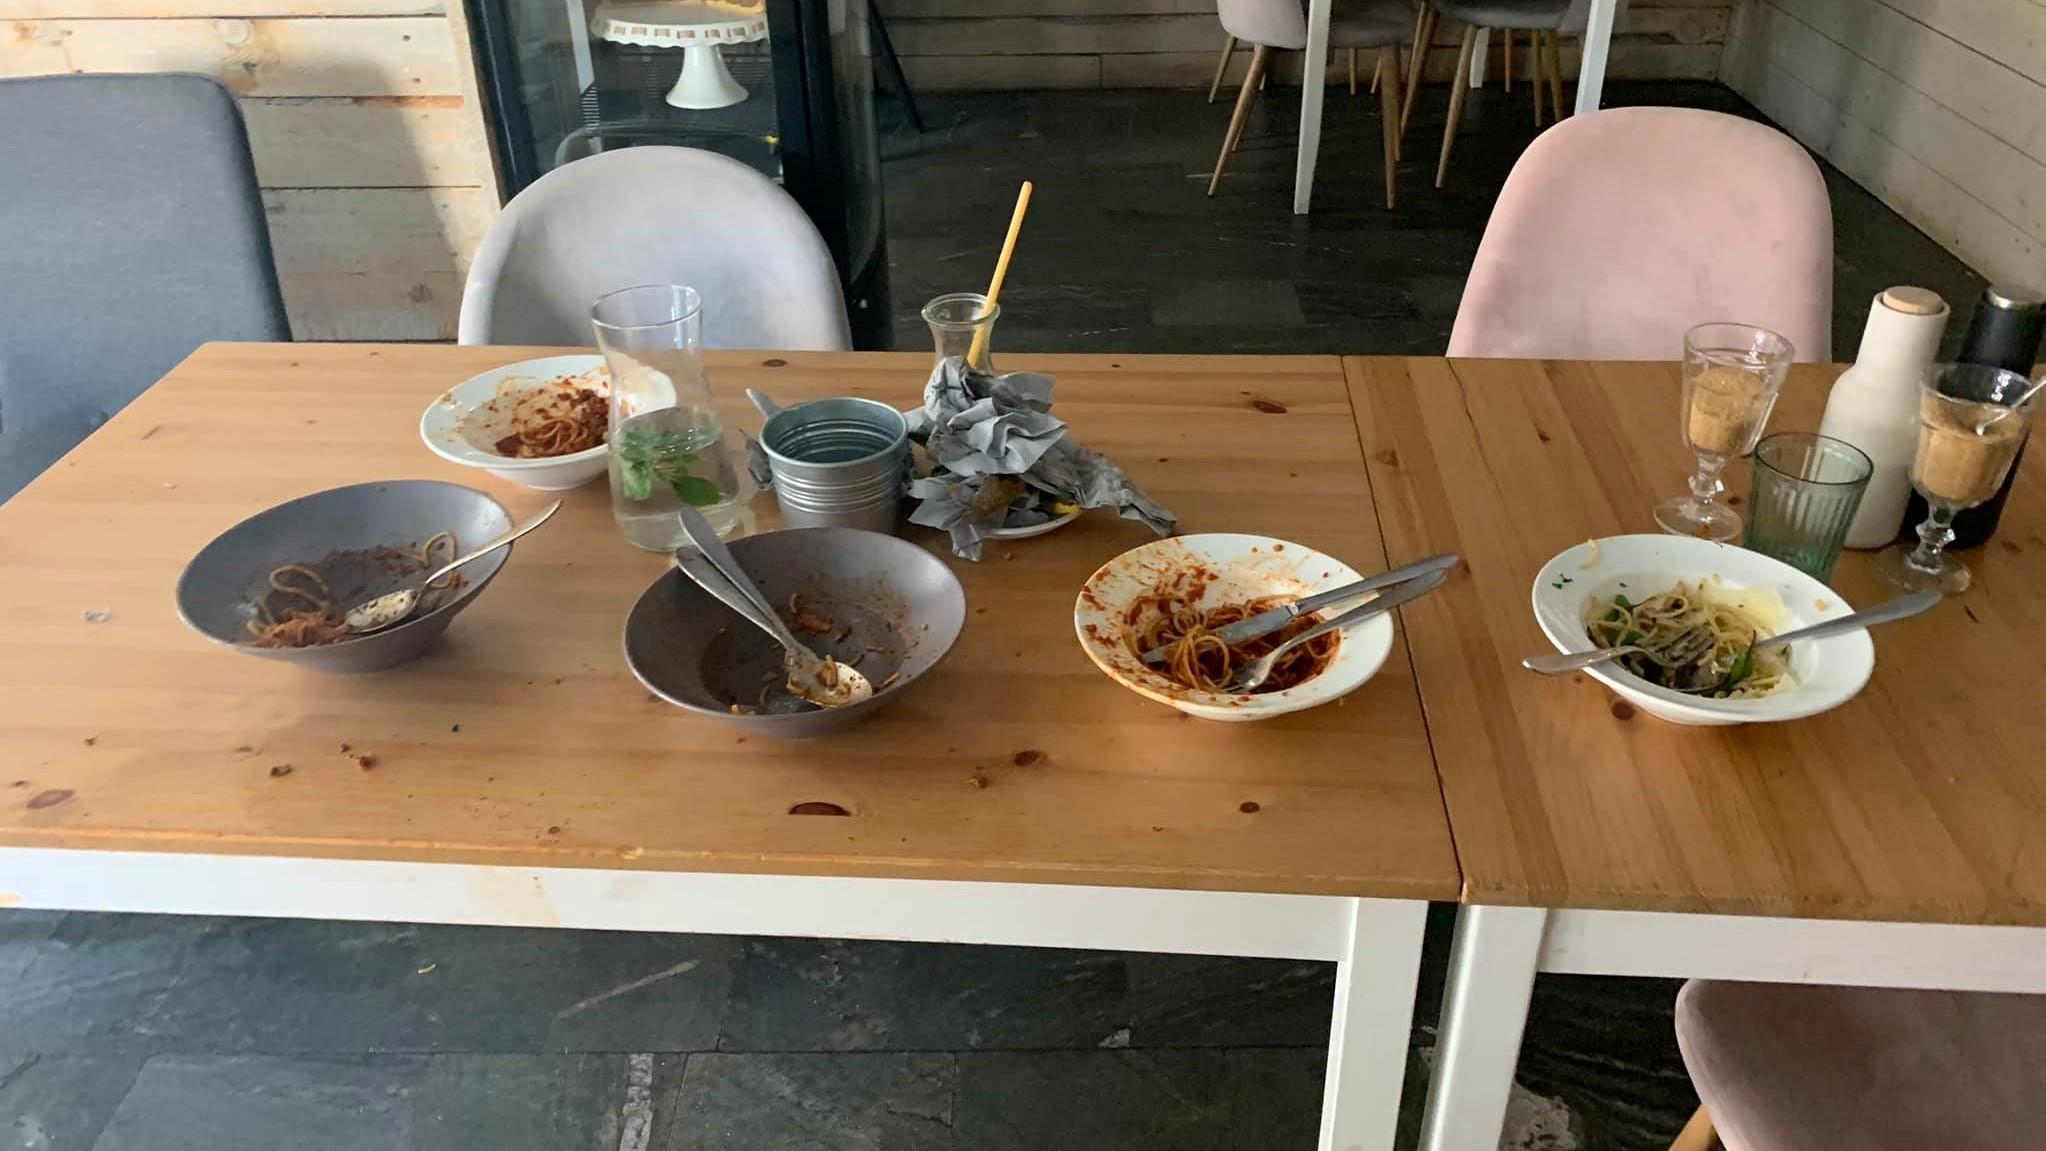 bałagan parma i rukola zakaz wstępu z dziećmi - FB: Parma i Rukola caffe &ristorante Poznań